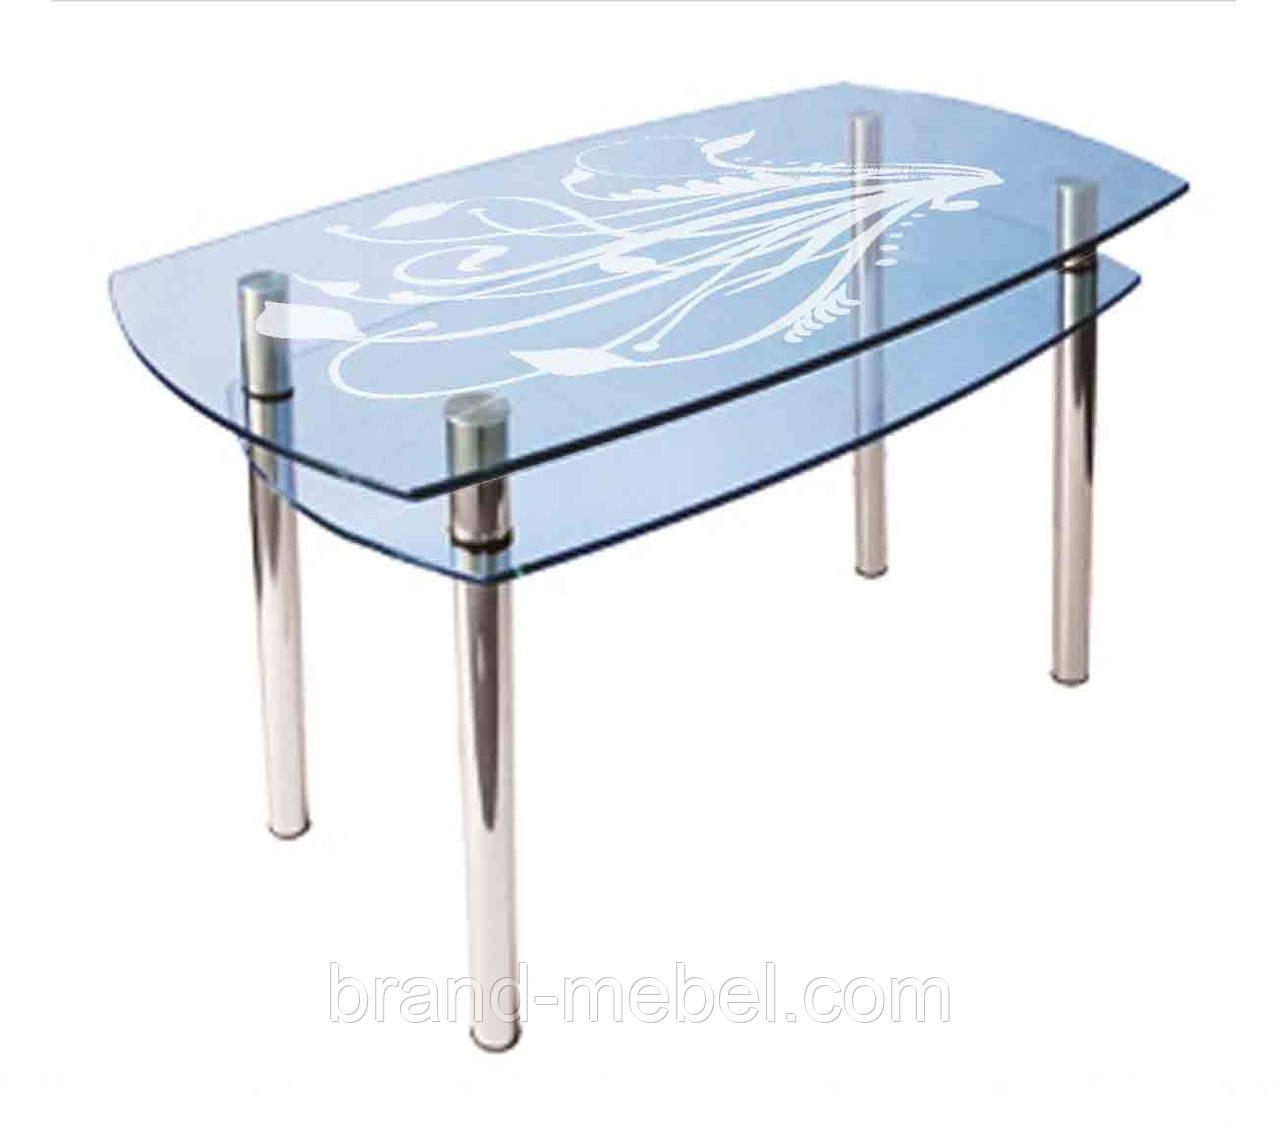 Стол стеклянный КС-2 пескоструй